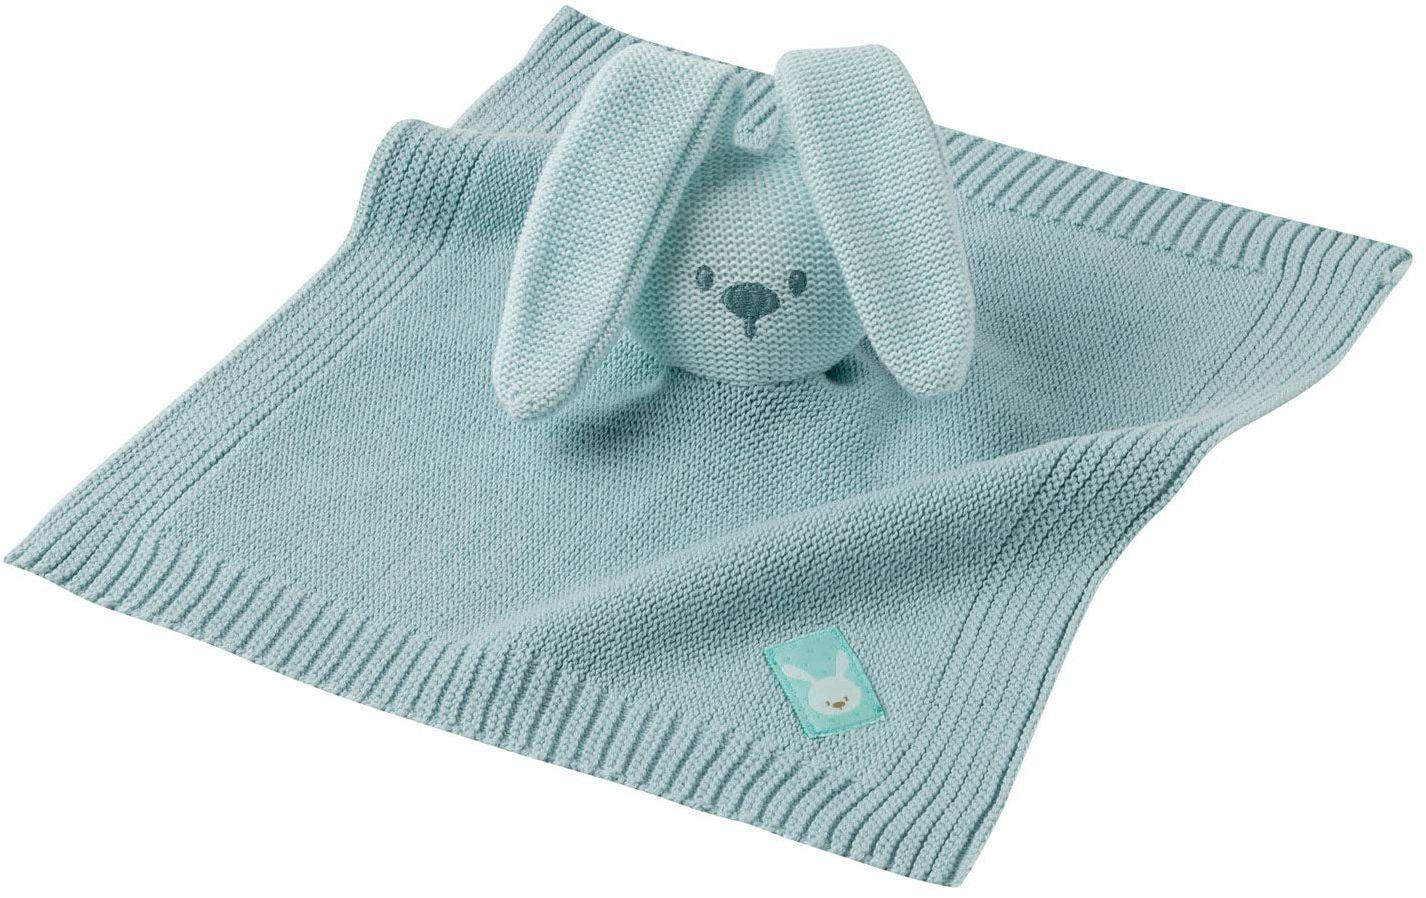 Nattou Ręcznik do żucia zając Lapidou, dzianina, towarzysz od narodzin, 42 cm, miętowa zieleń